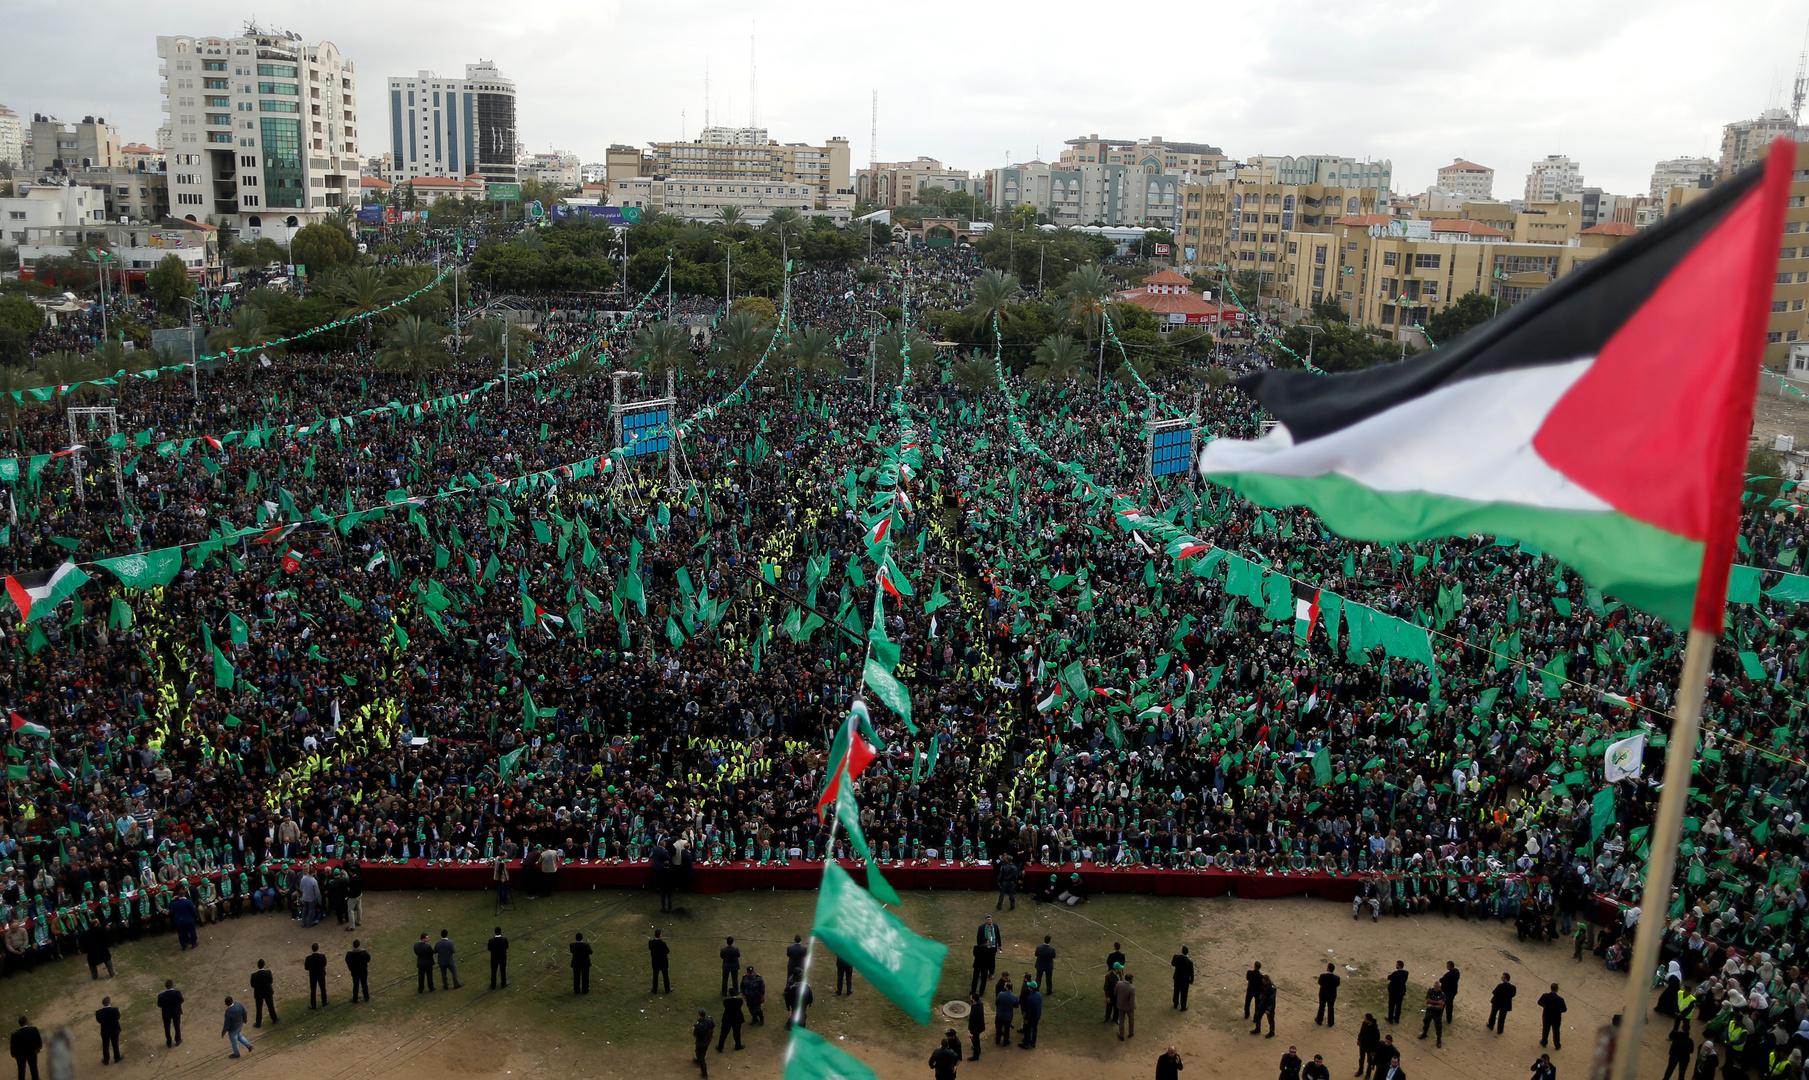 حماس عن اتفاقات البحرين والإمارات مع إسرئيل: لا تساوي الحبر الذي كتبت به